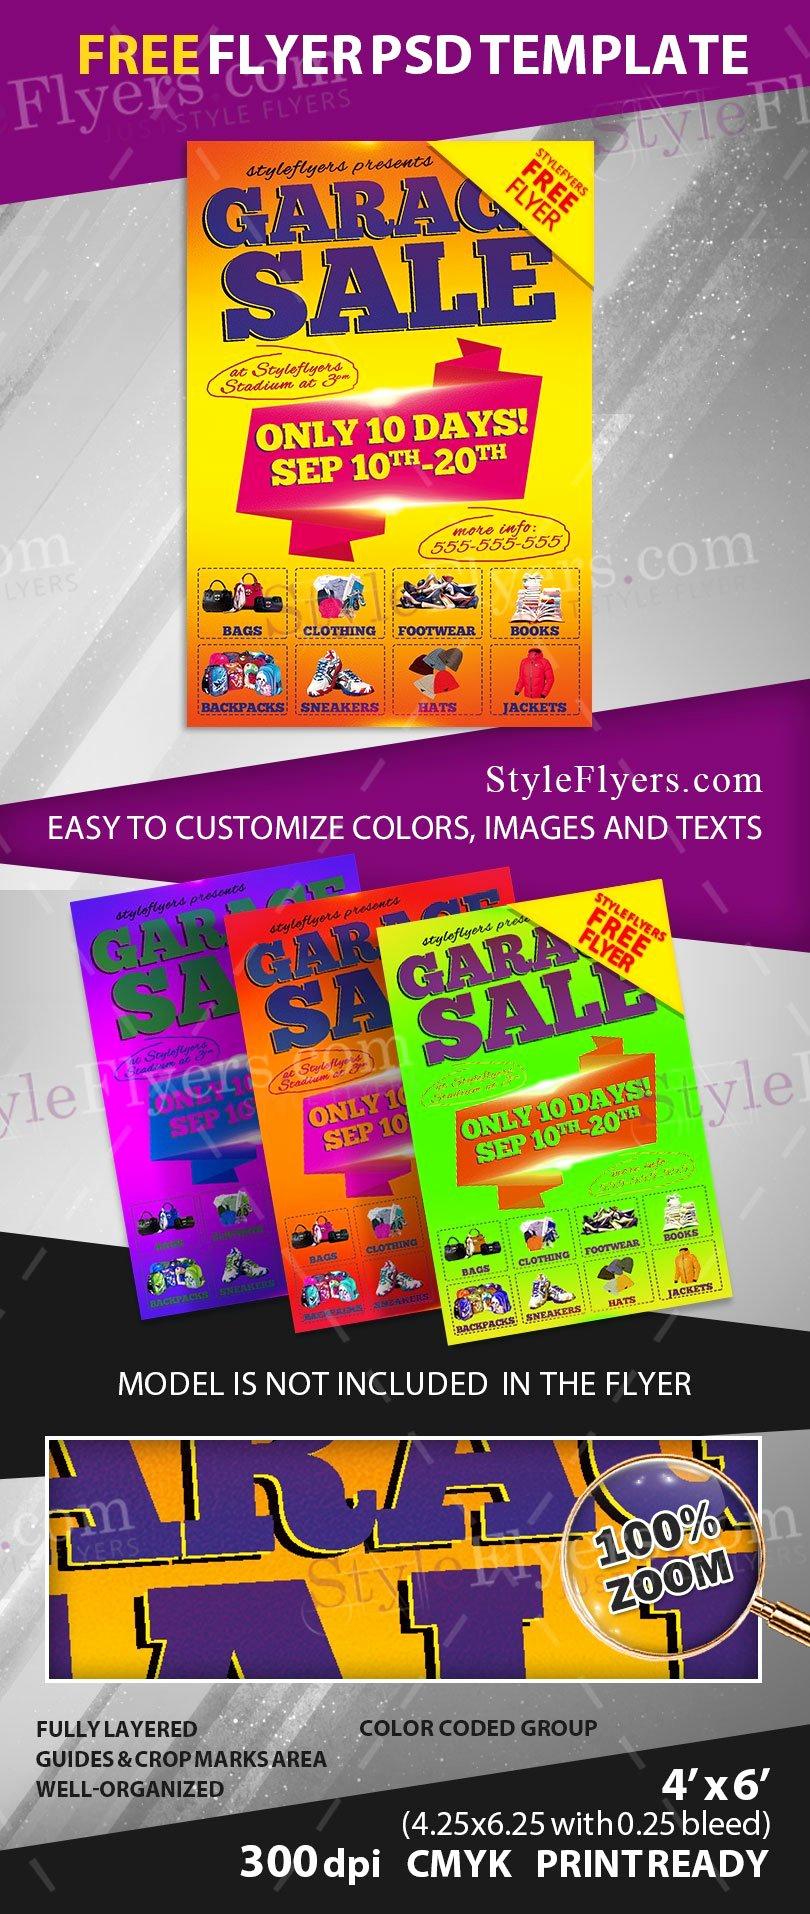 Free Downloadable Flyer Templates Unique Garage Sale Free Psd Flyer Template Free Download